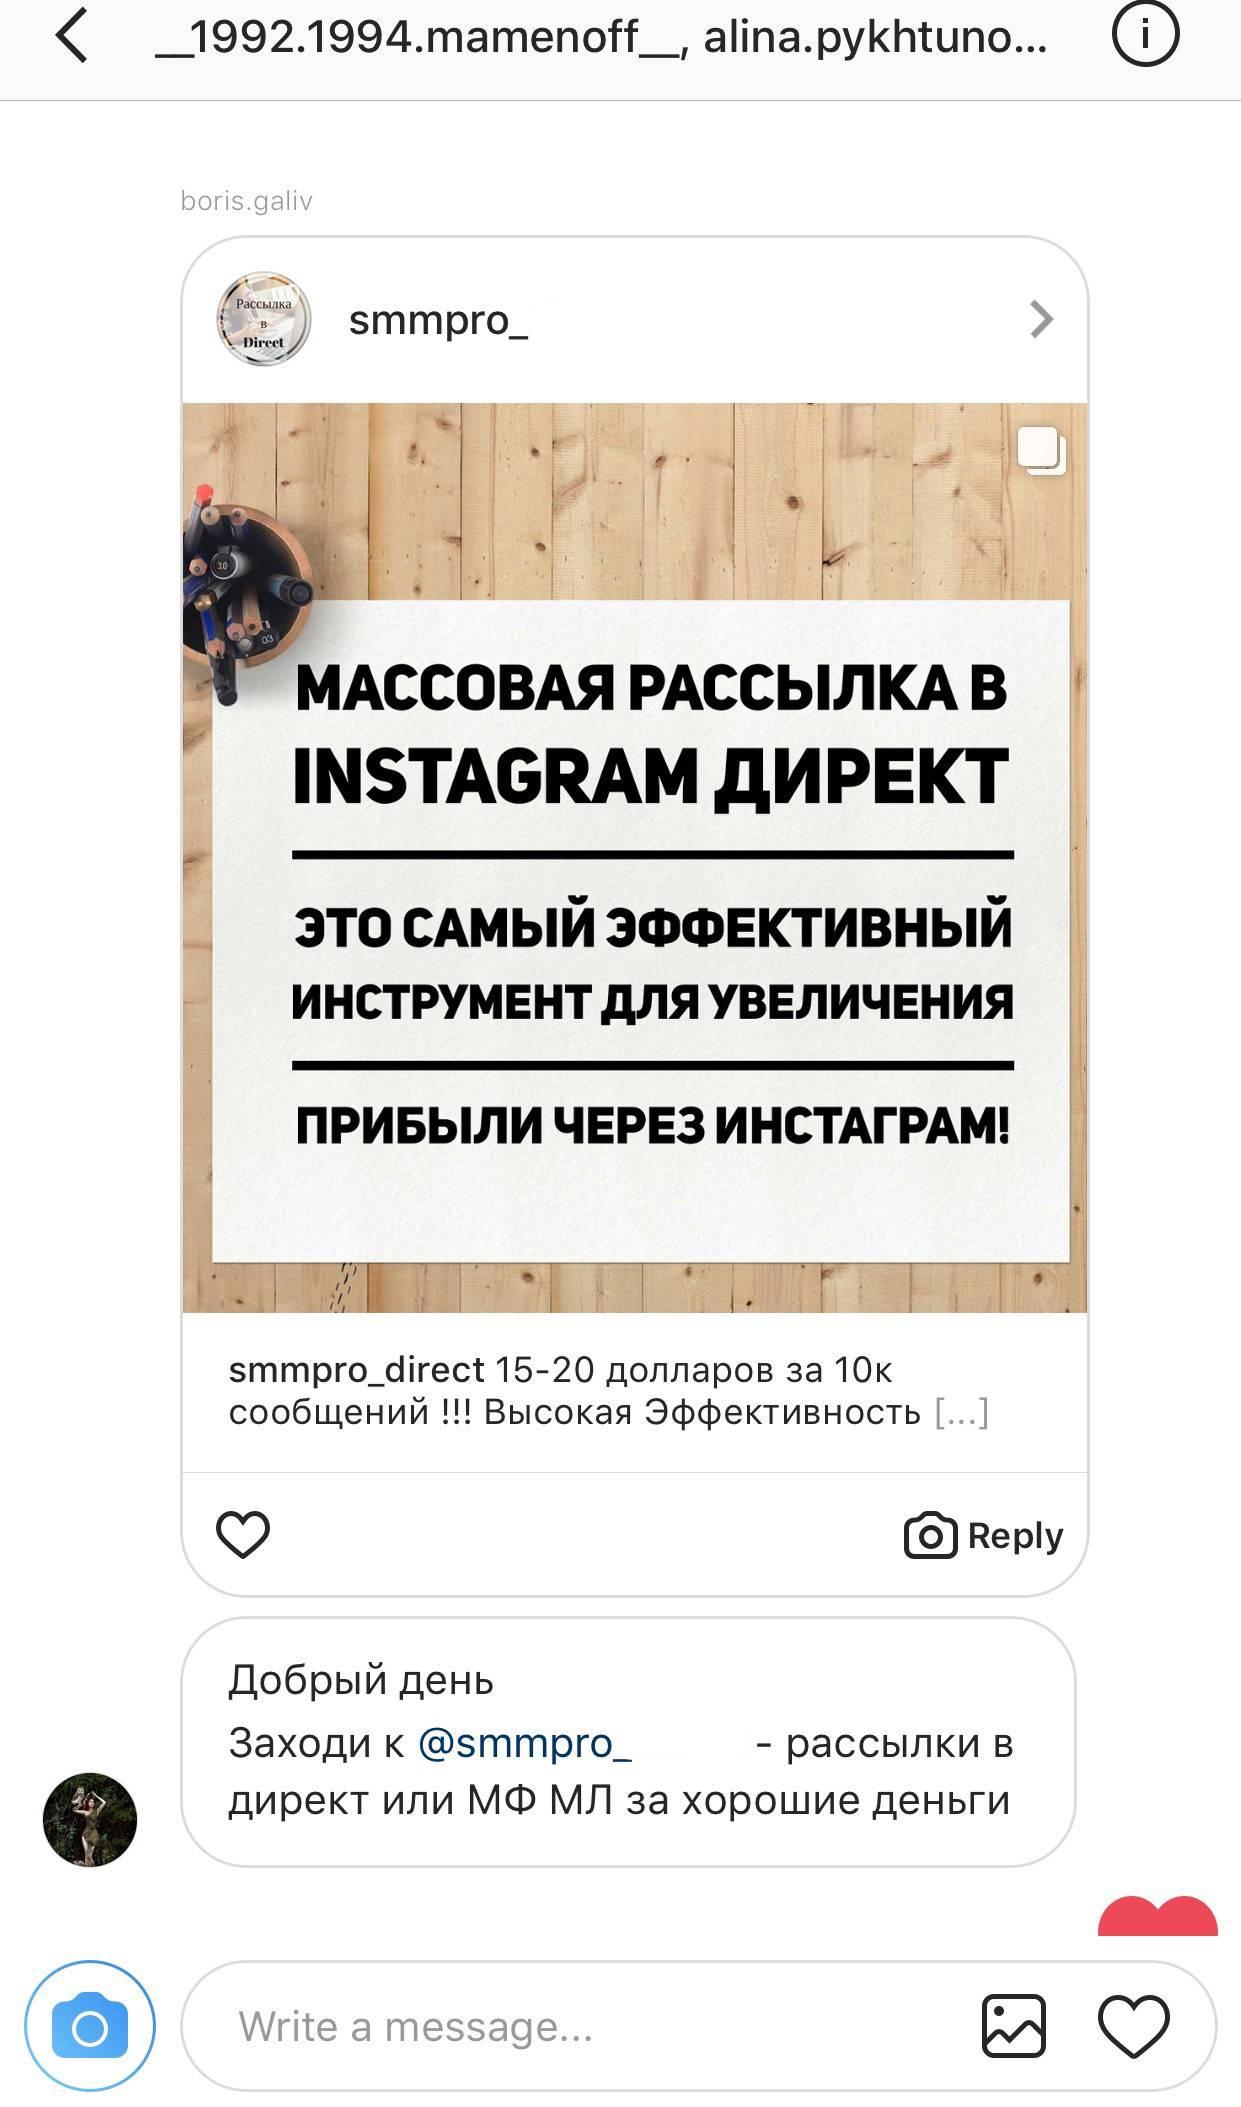 Рассылка в директ instagram: как сделать рассылку в direct бесплатно